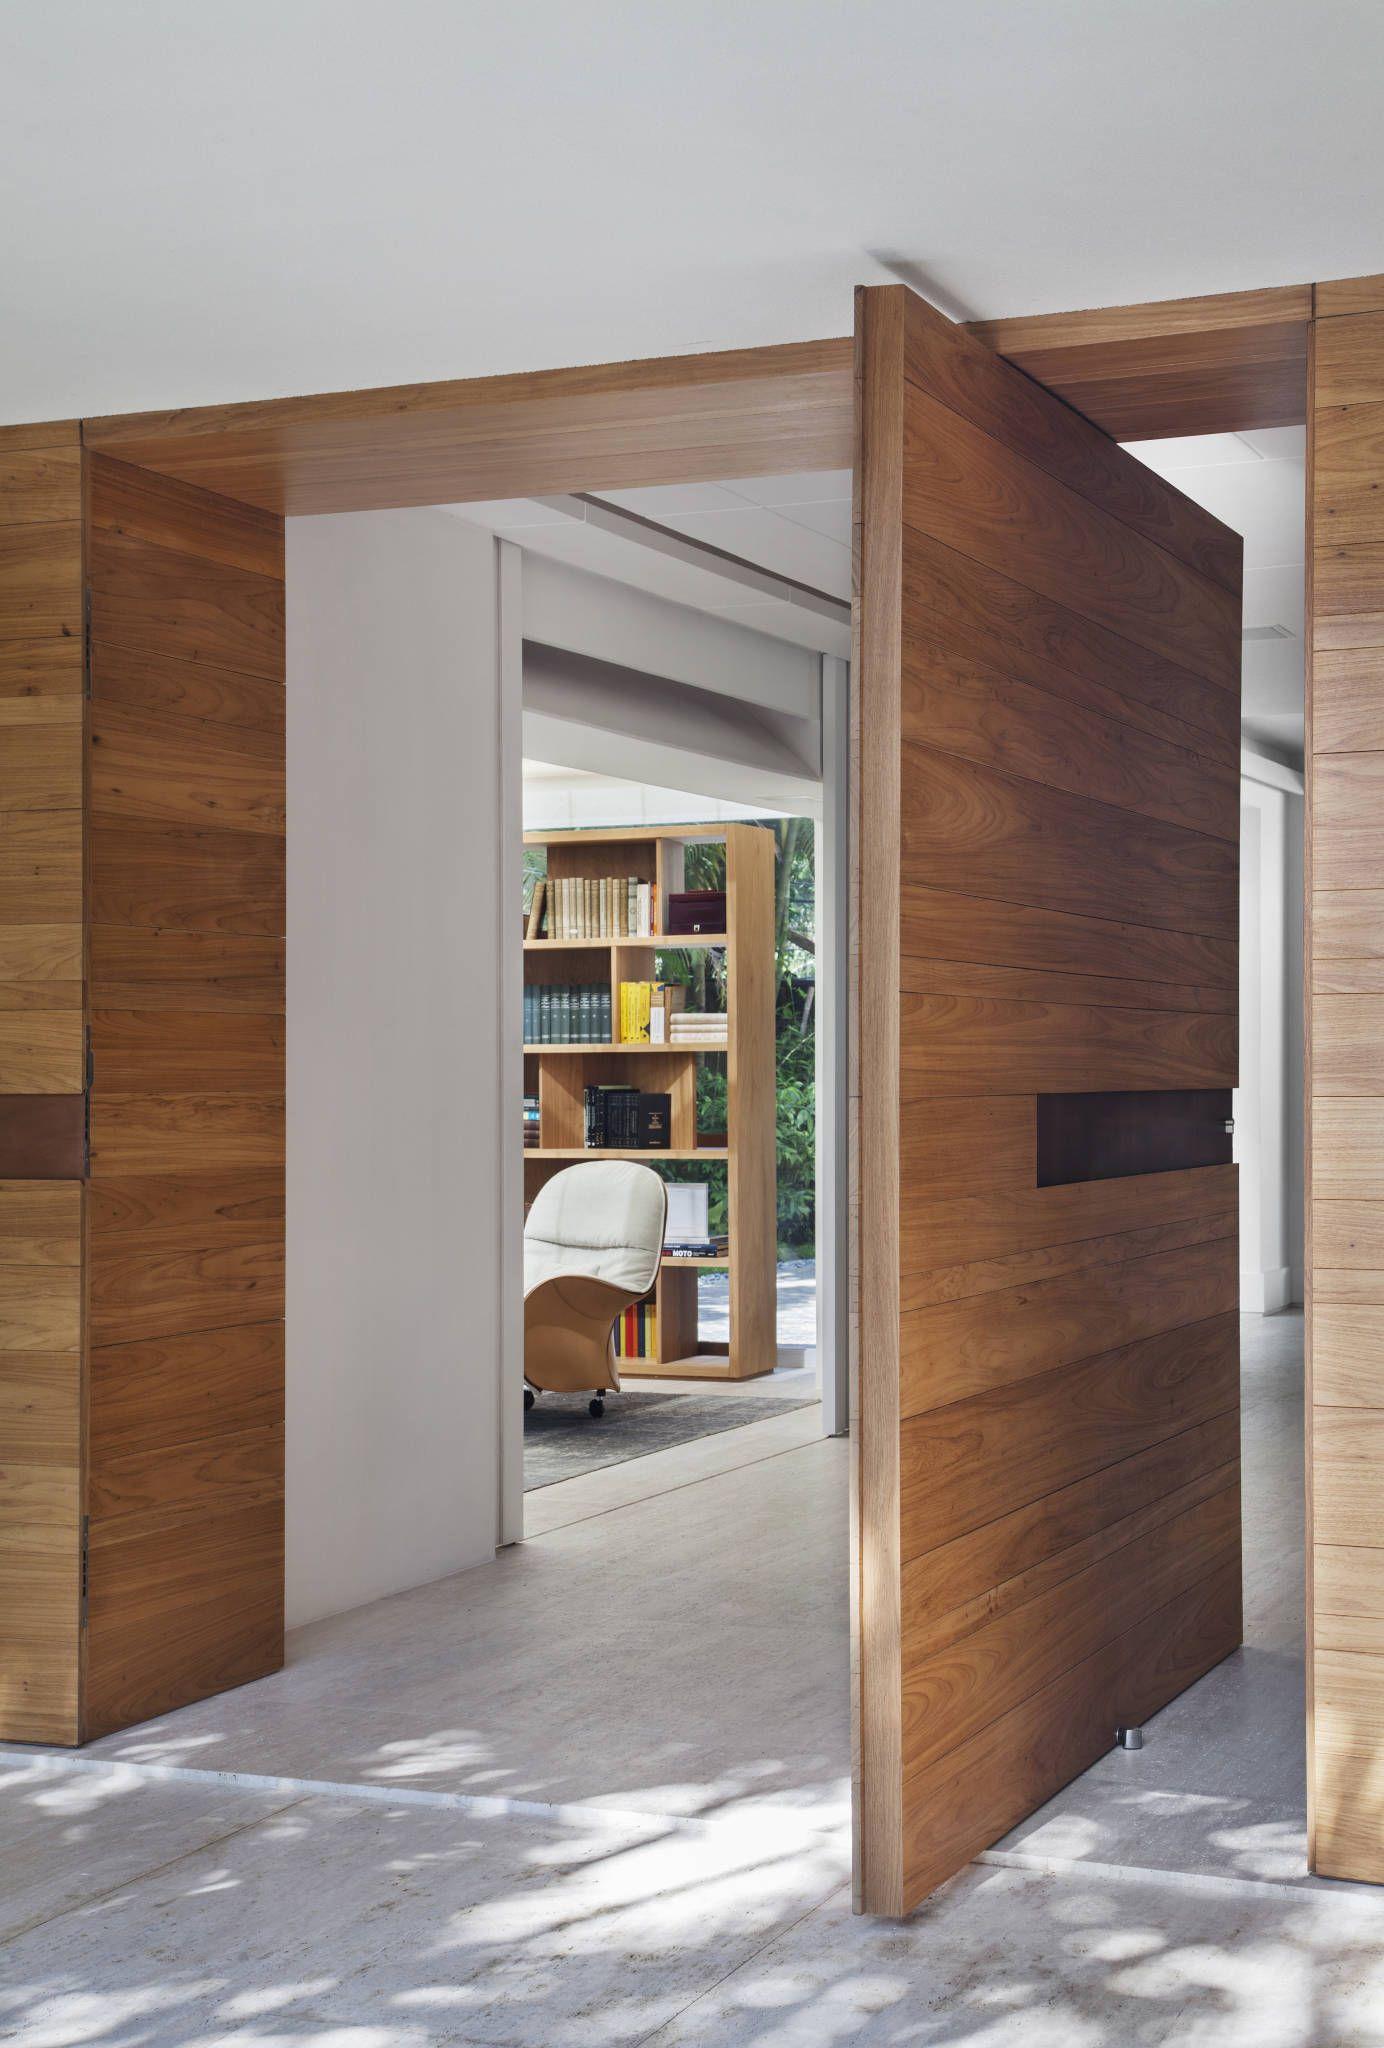 Imgenes de Decoracin y Diseo de Interiores Arquitetura Ventana